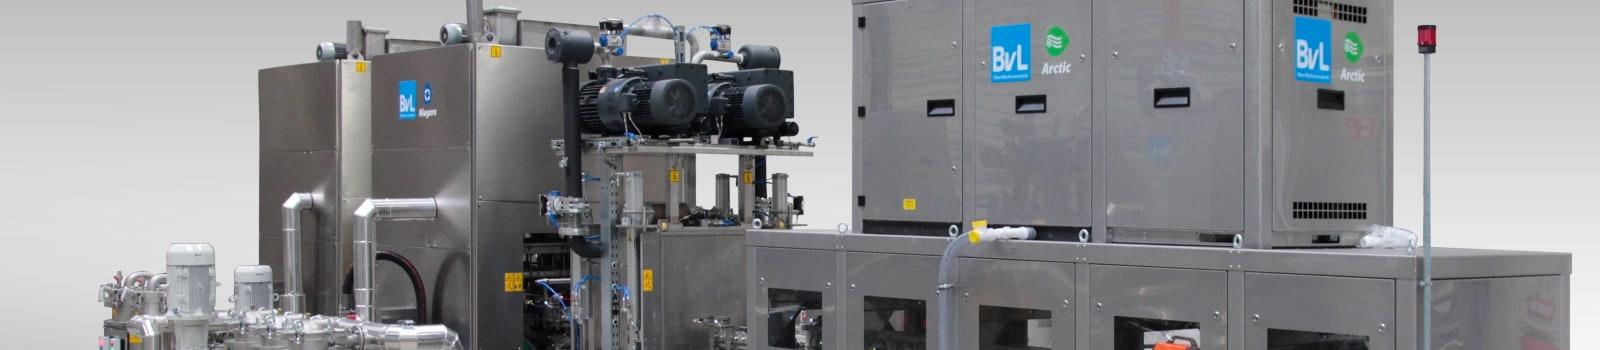 Den Arctic Kühltunnel gibt es bei den BvL-Reinigungsanlagen mit Luft- oder Wasser-Luftkühlung zum Erreichen der erforderlichen Bauteiltemperatur